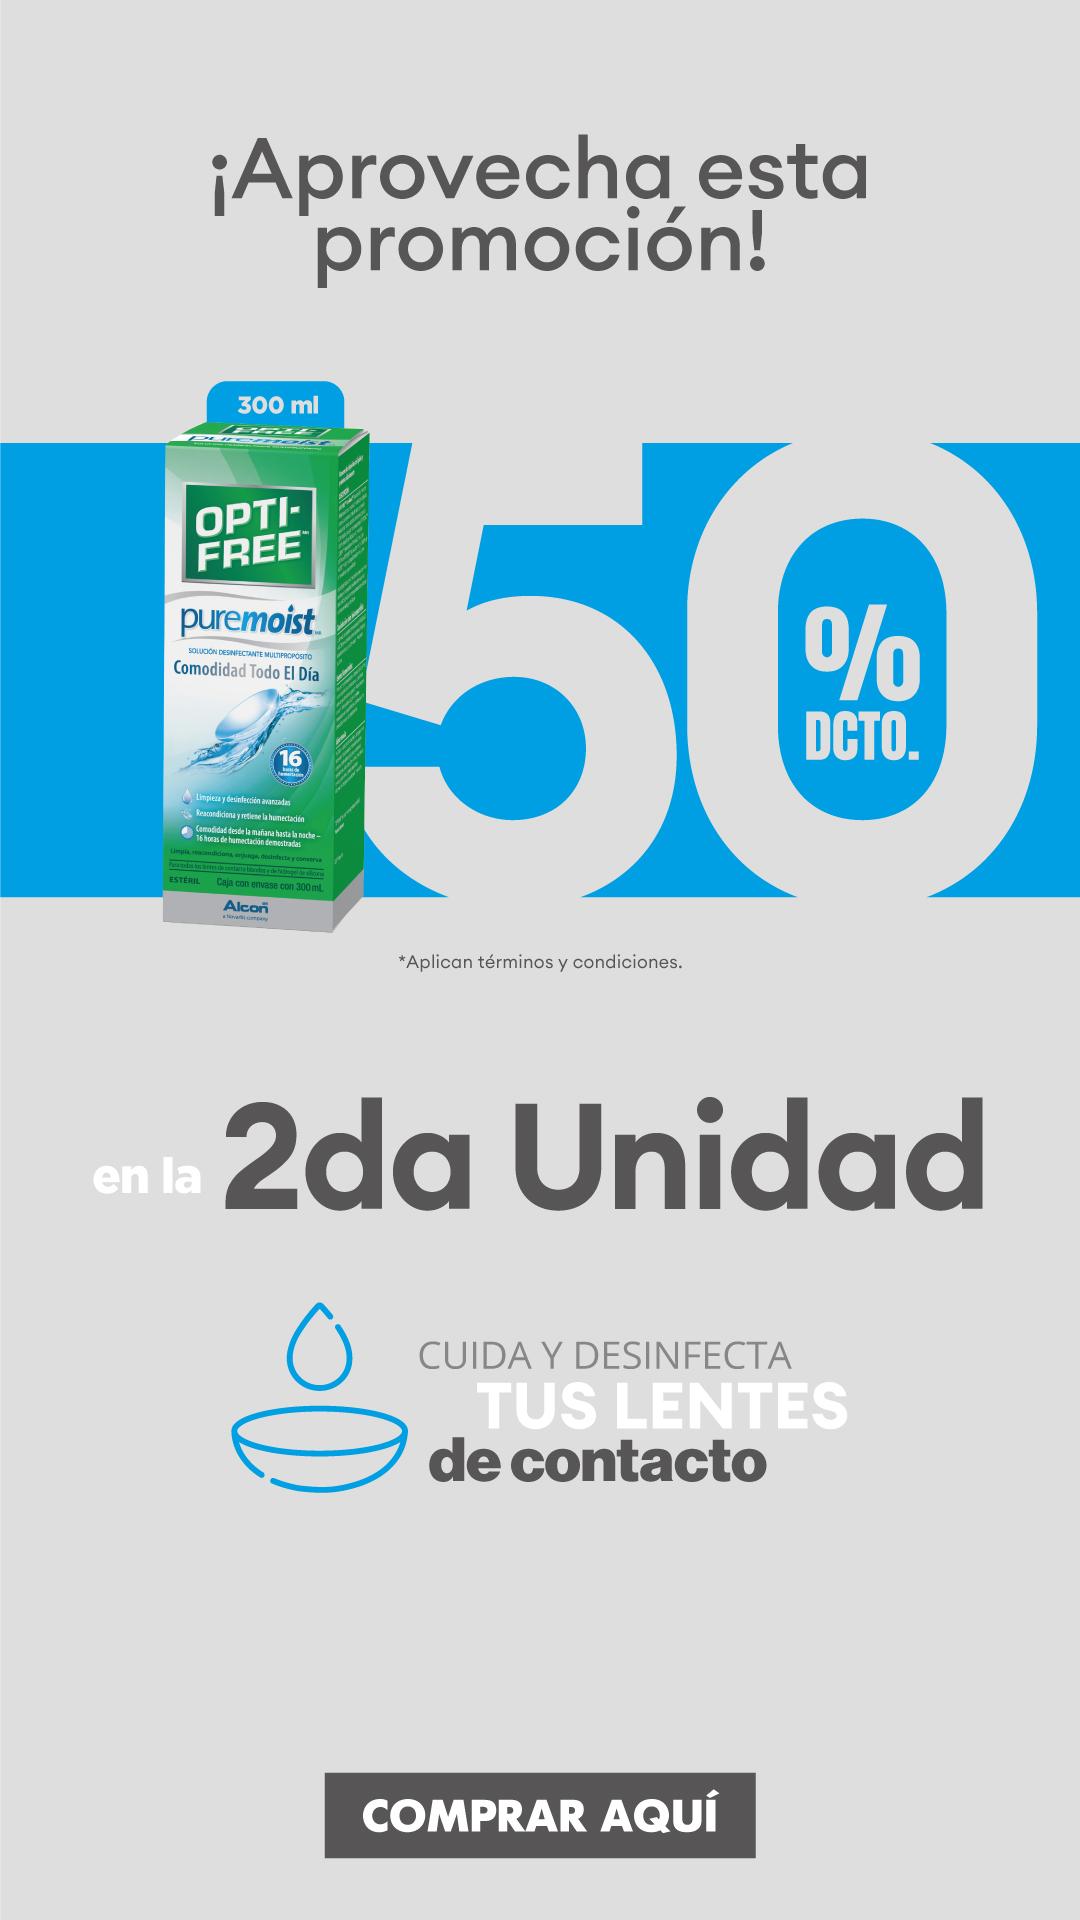 Alcon Liquidos Mobile